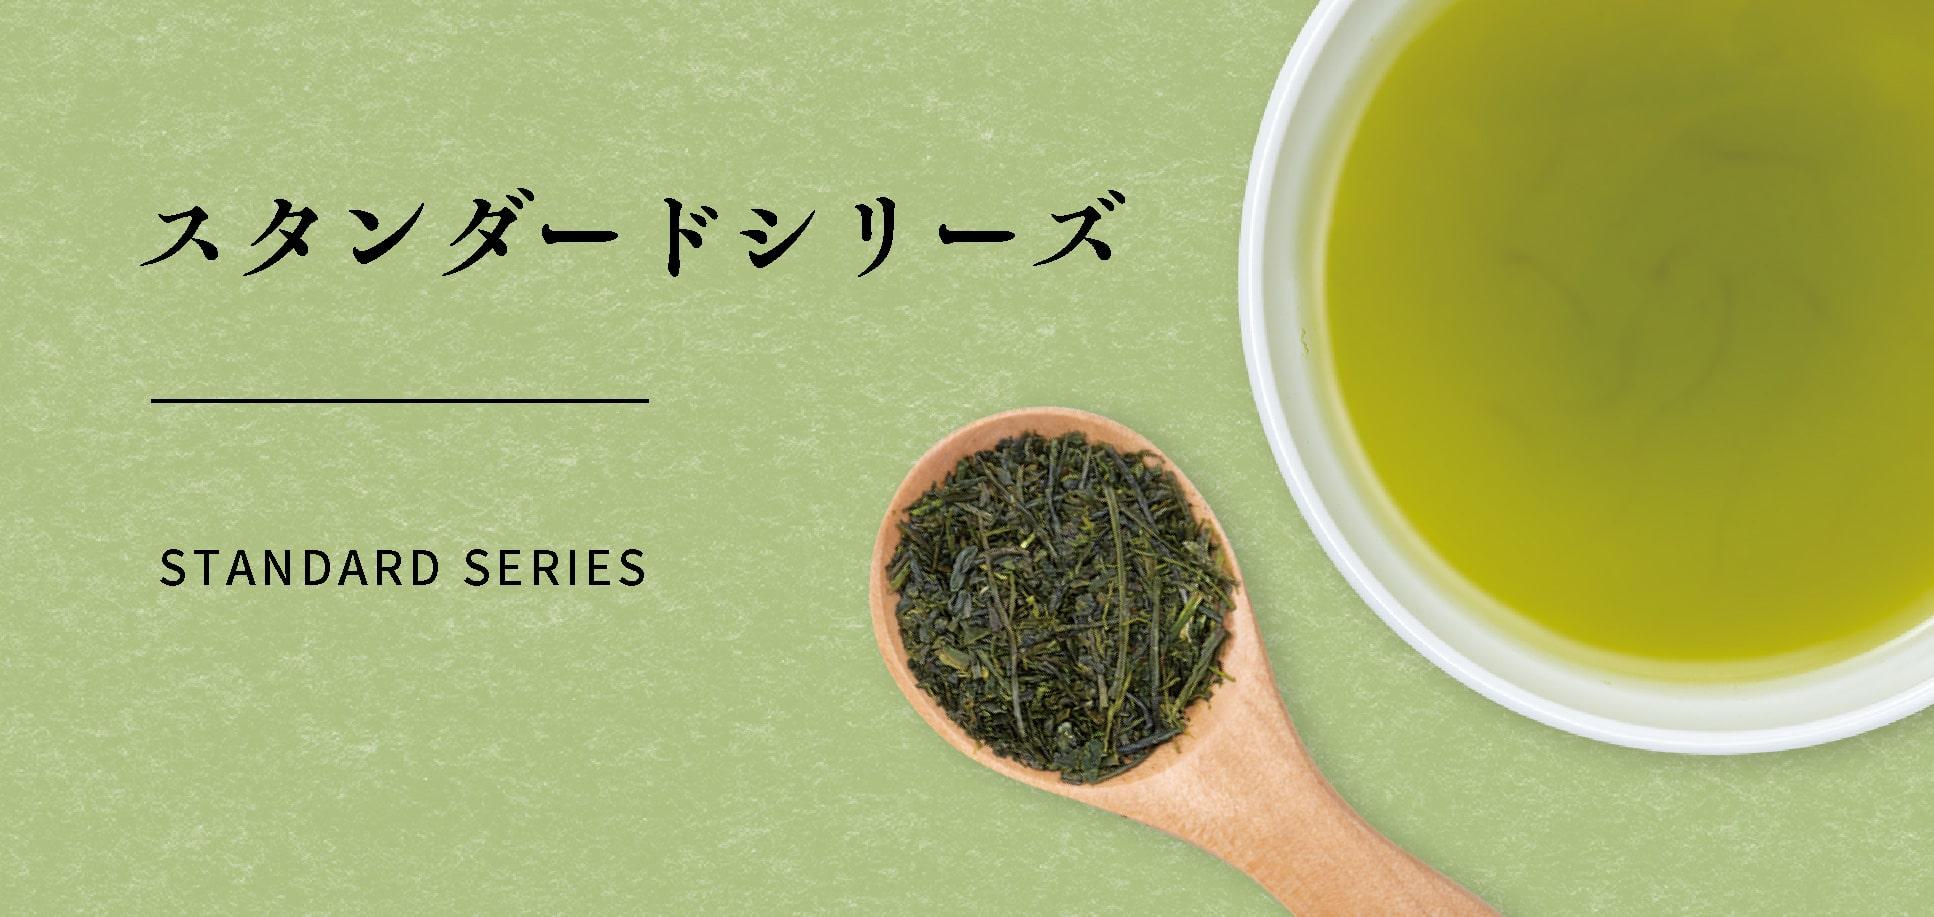 【かねじょう・茶の庭】スタンダードシリーズ リーフタイプ